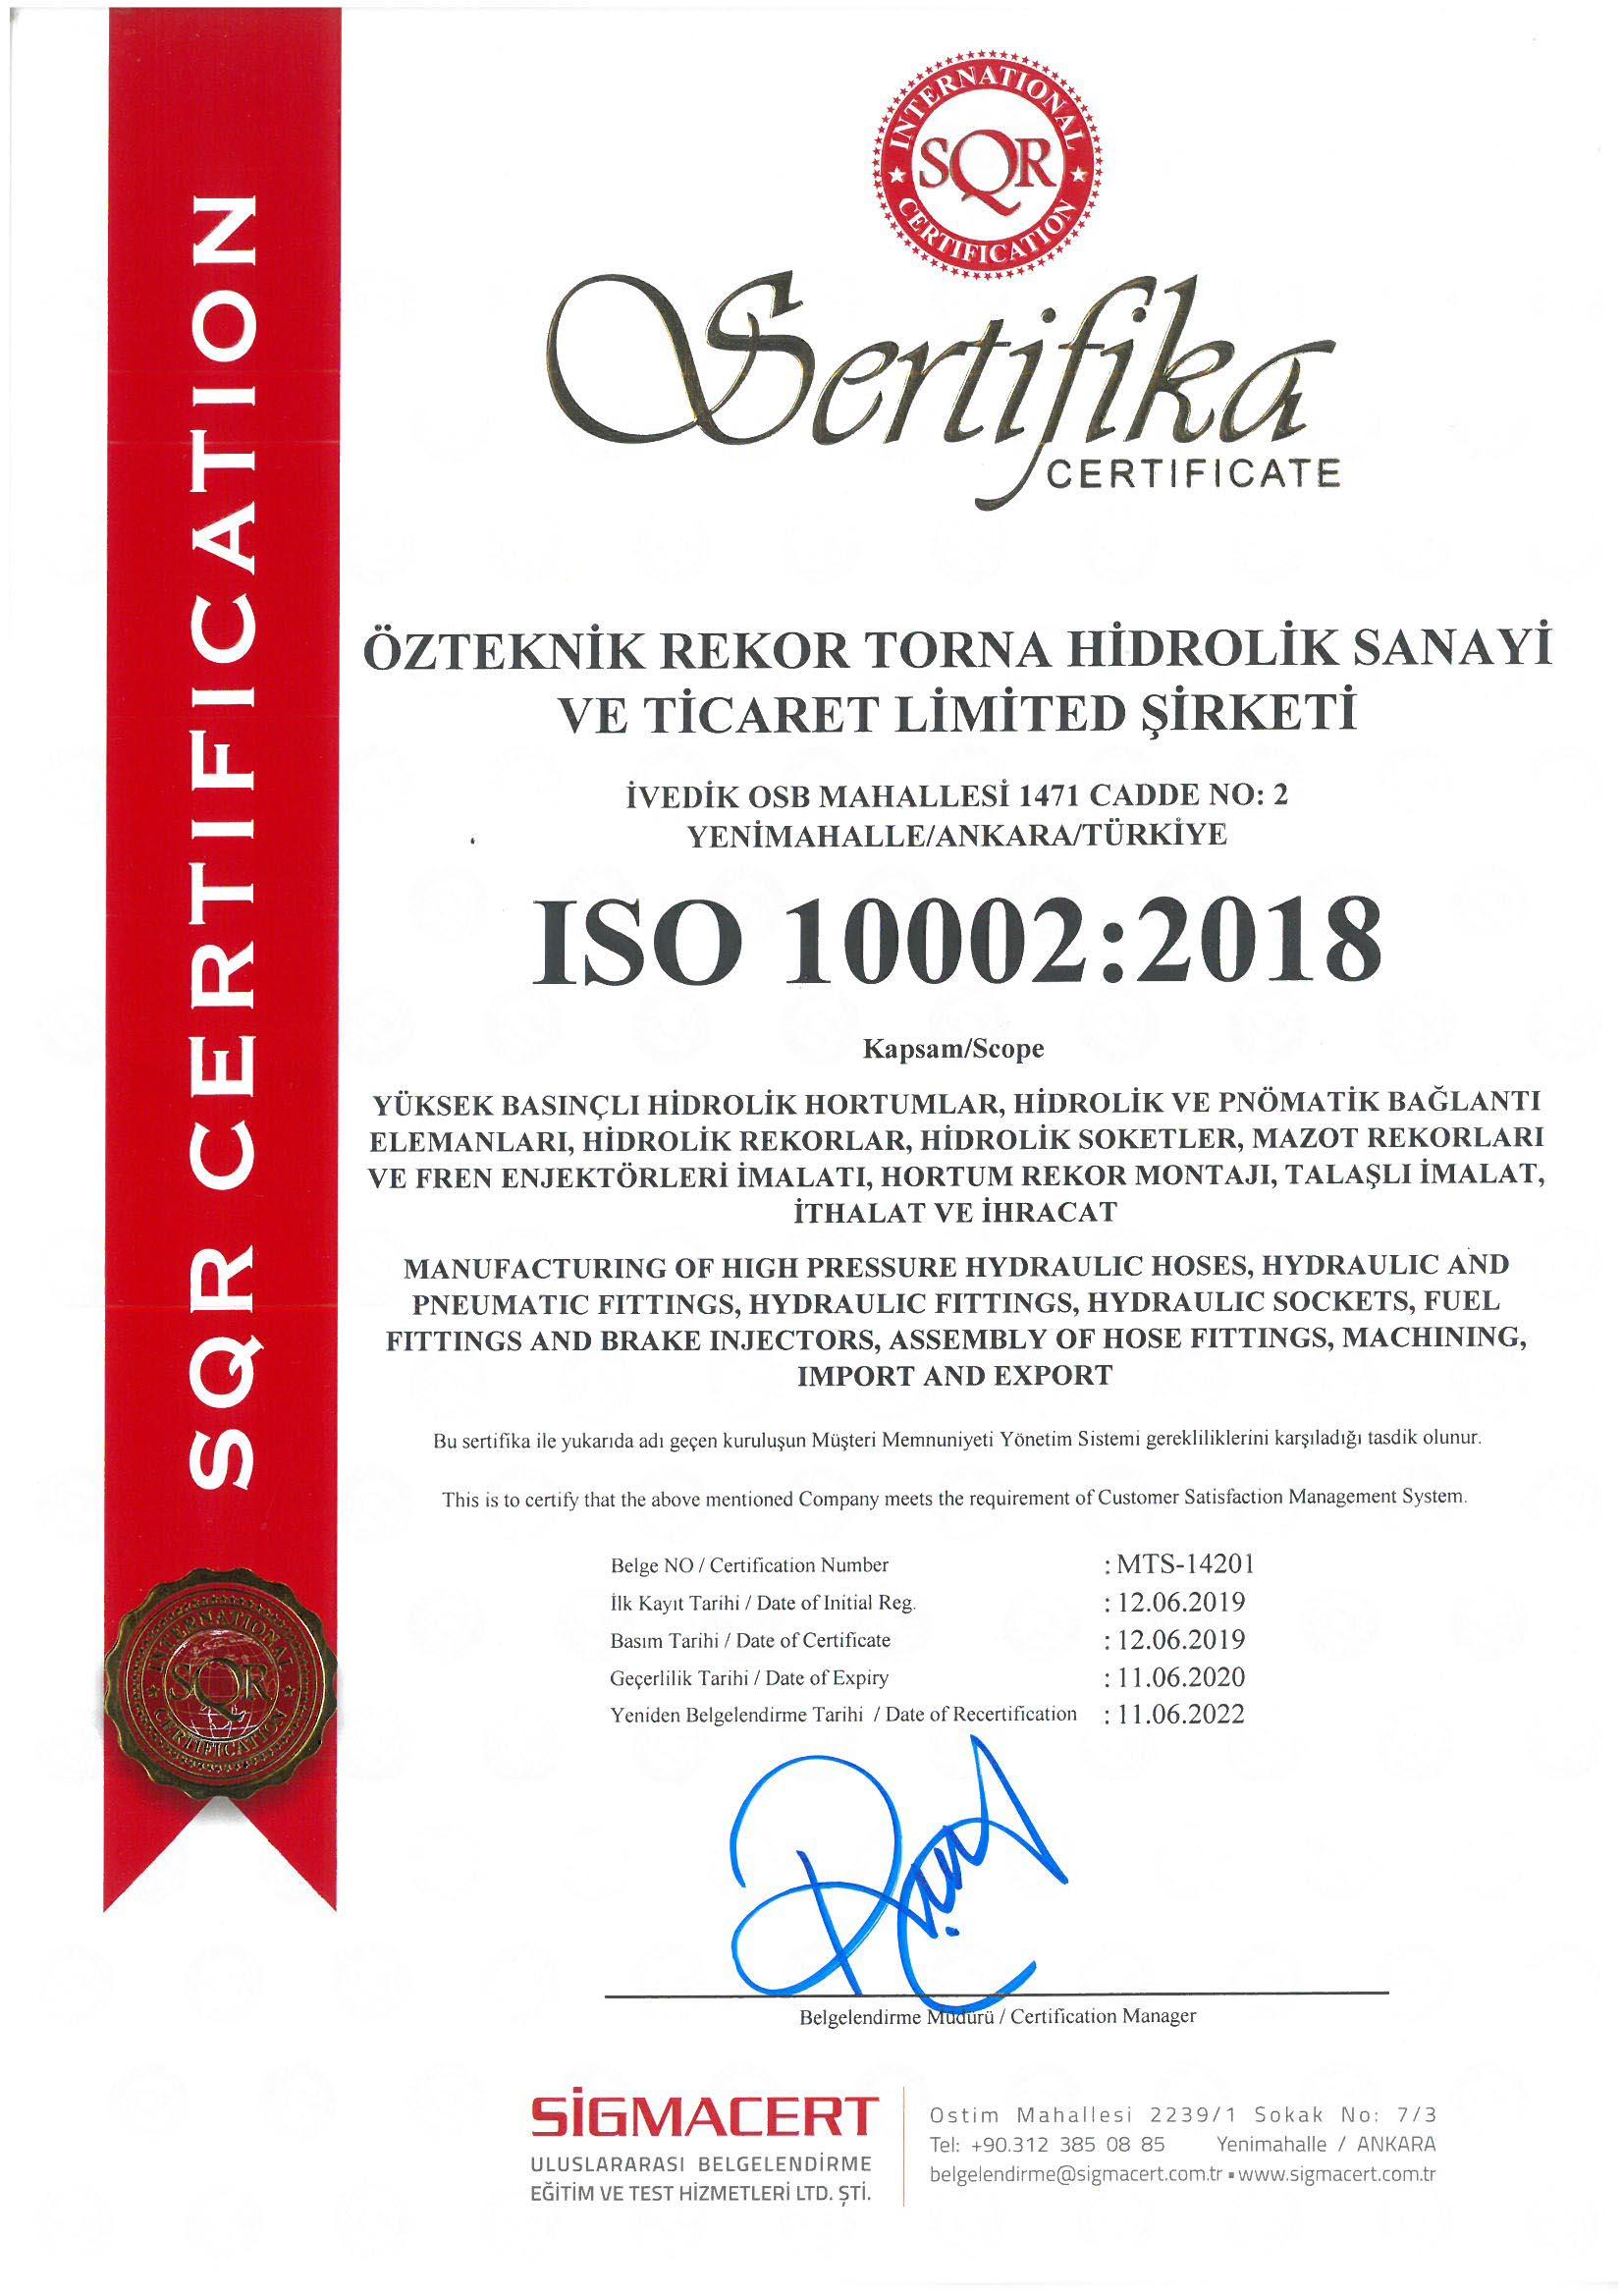 GEN813407-20190613094325